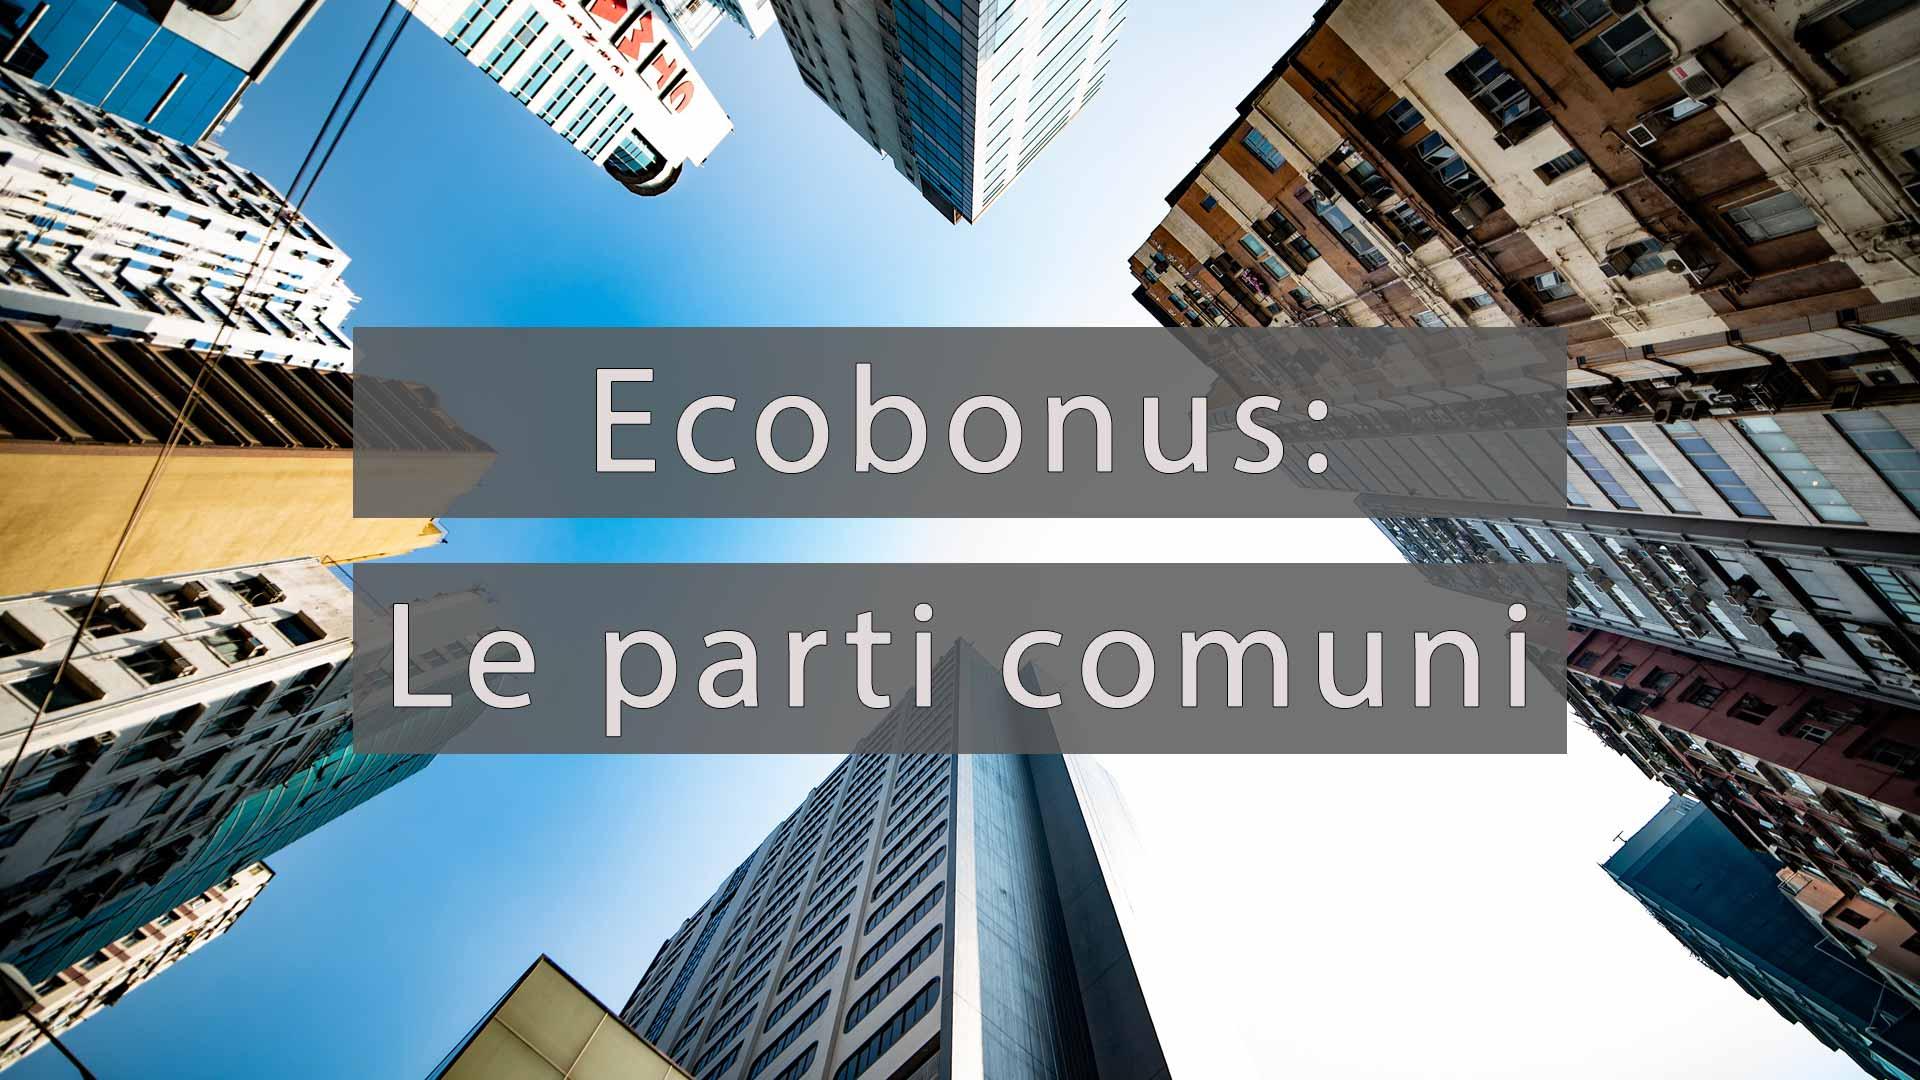 Ecobonus con le parti comuni degli edifici condominali